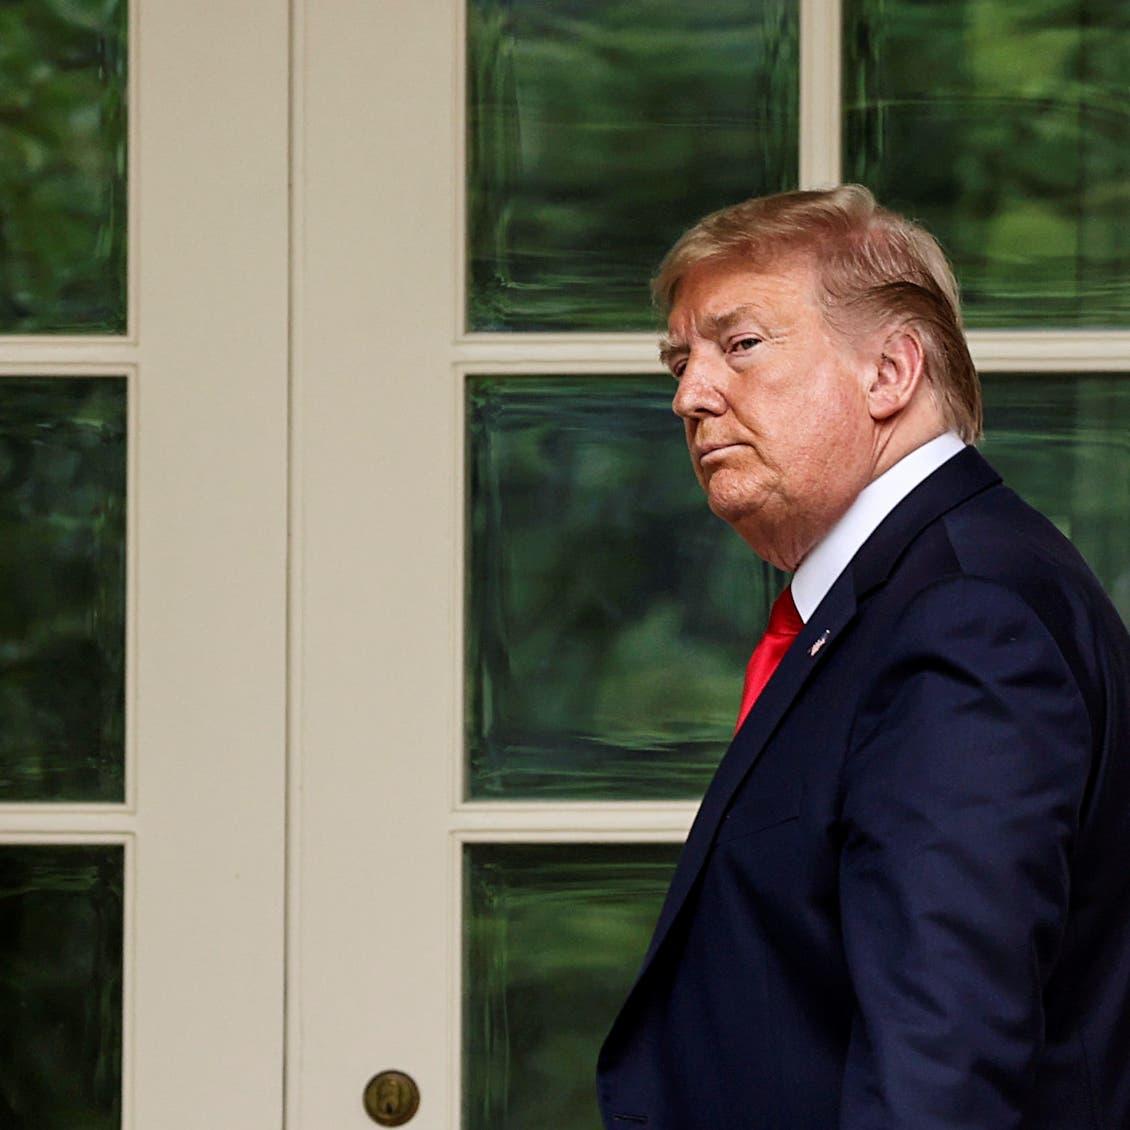 ترمب: عار ألا يفعل الكونغرس شيئاً بشأن إحراق العلم الأميركي